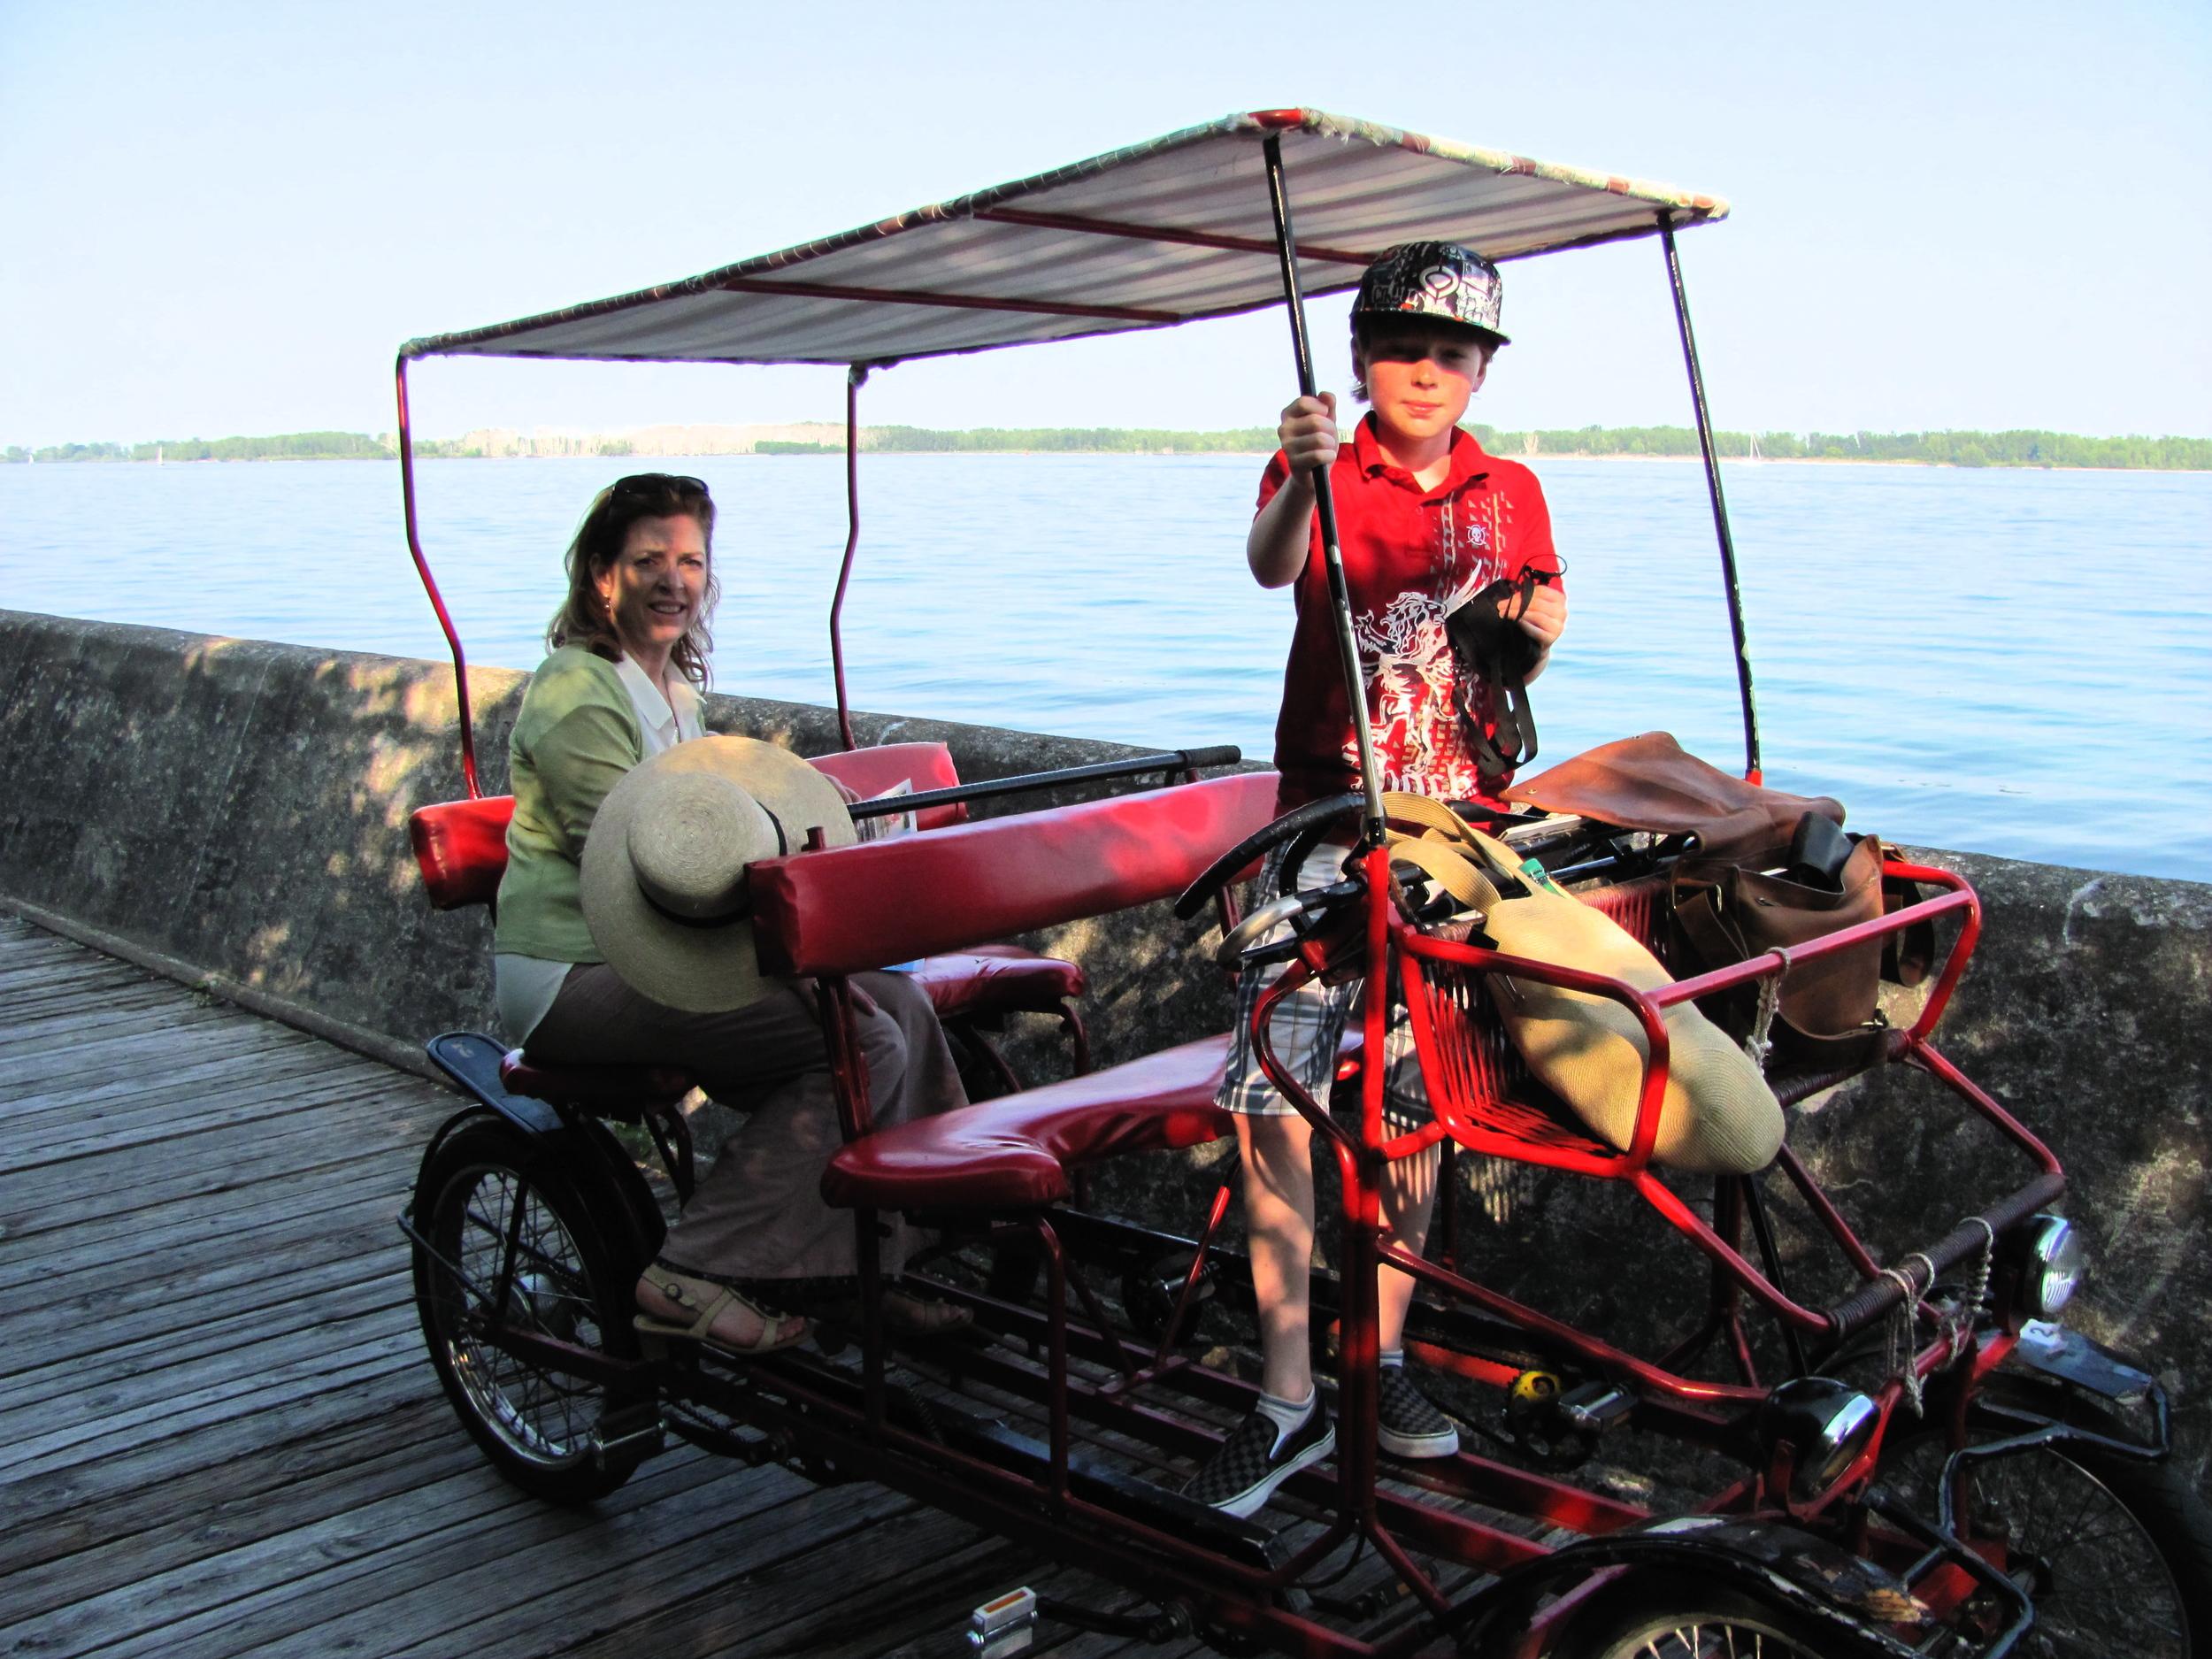 Dreaming Of India - Kathy and Miro , Portrait  Toronto, Ontario 2011